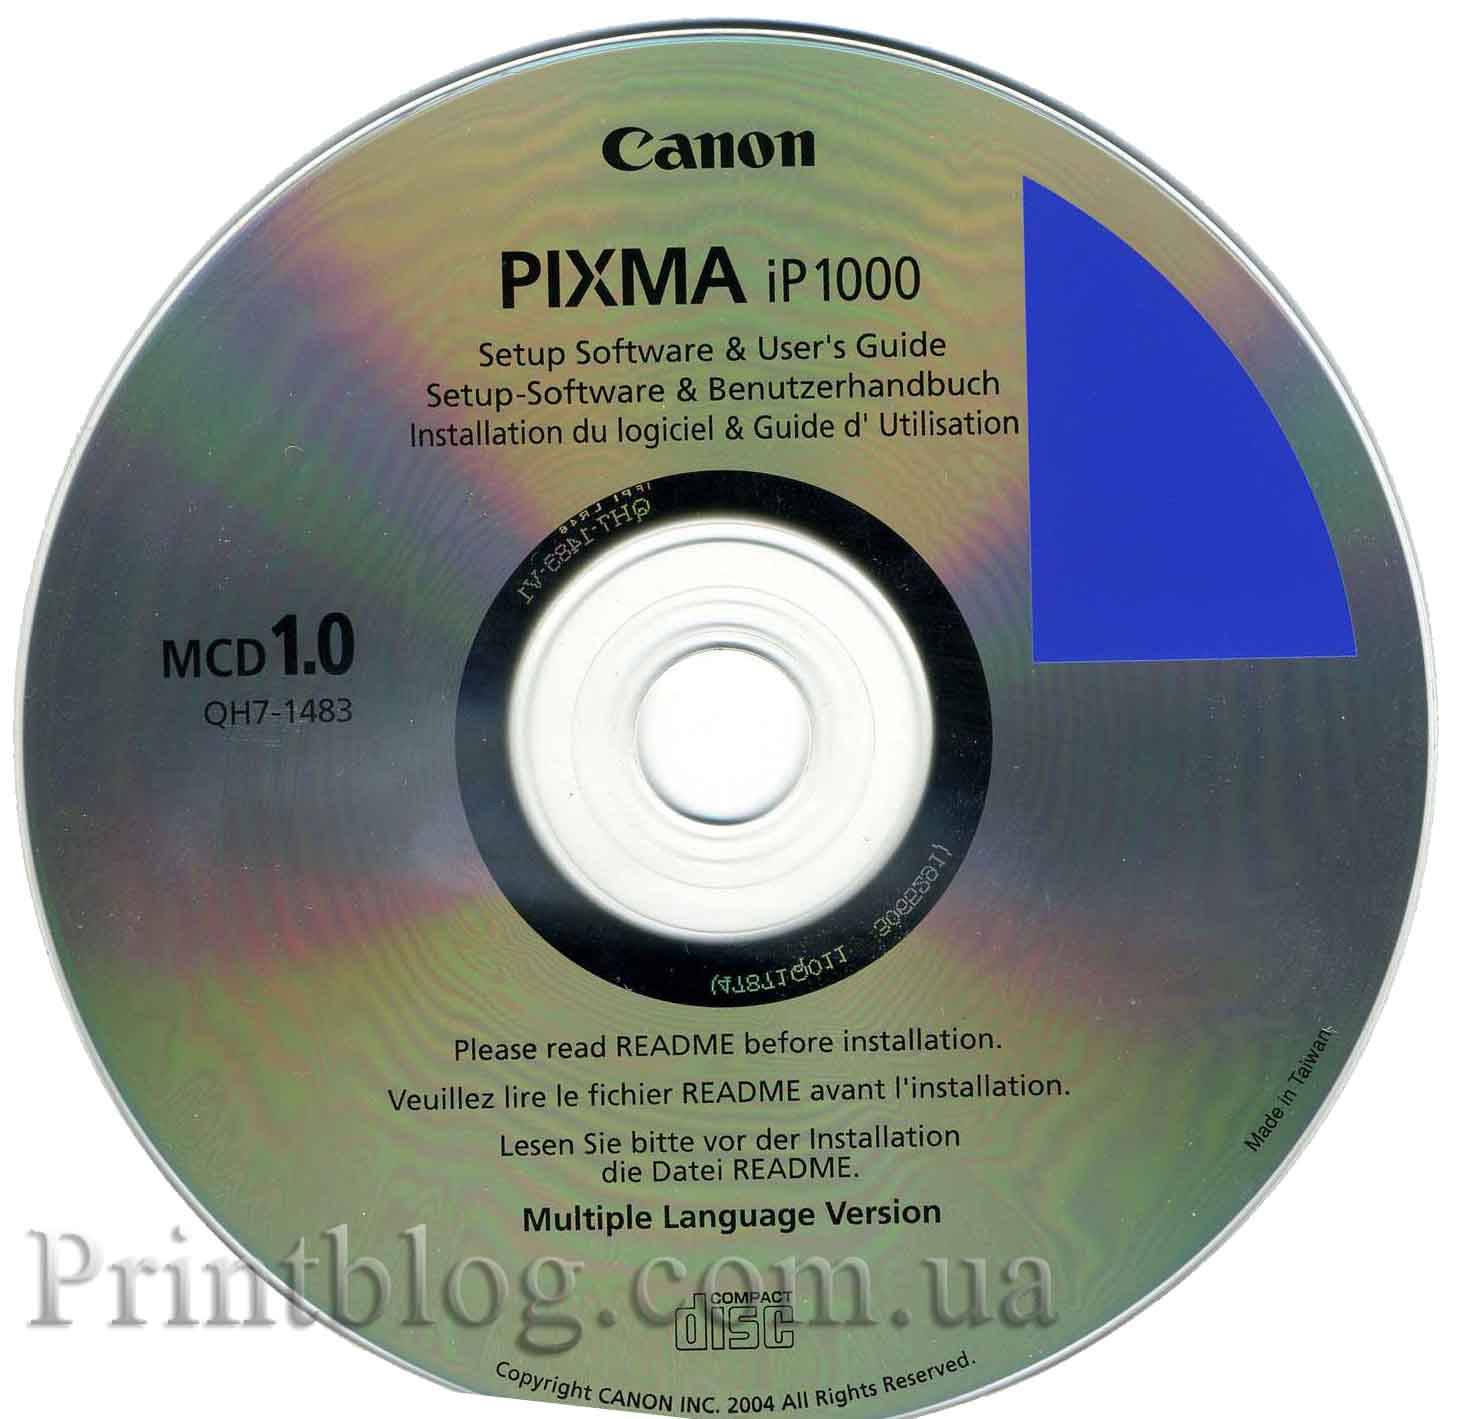 ... диск с драйверами и ПО от Canon PIXMA IP1000